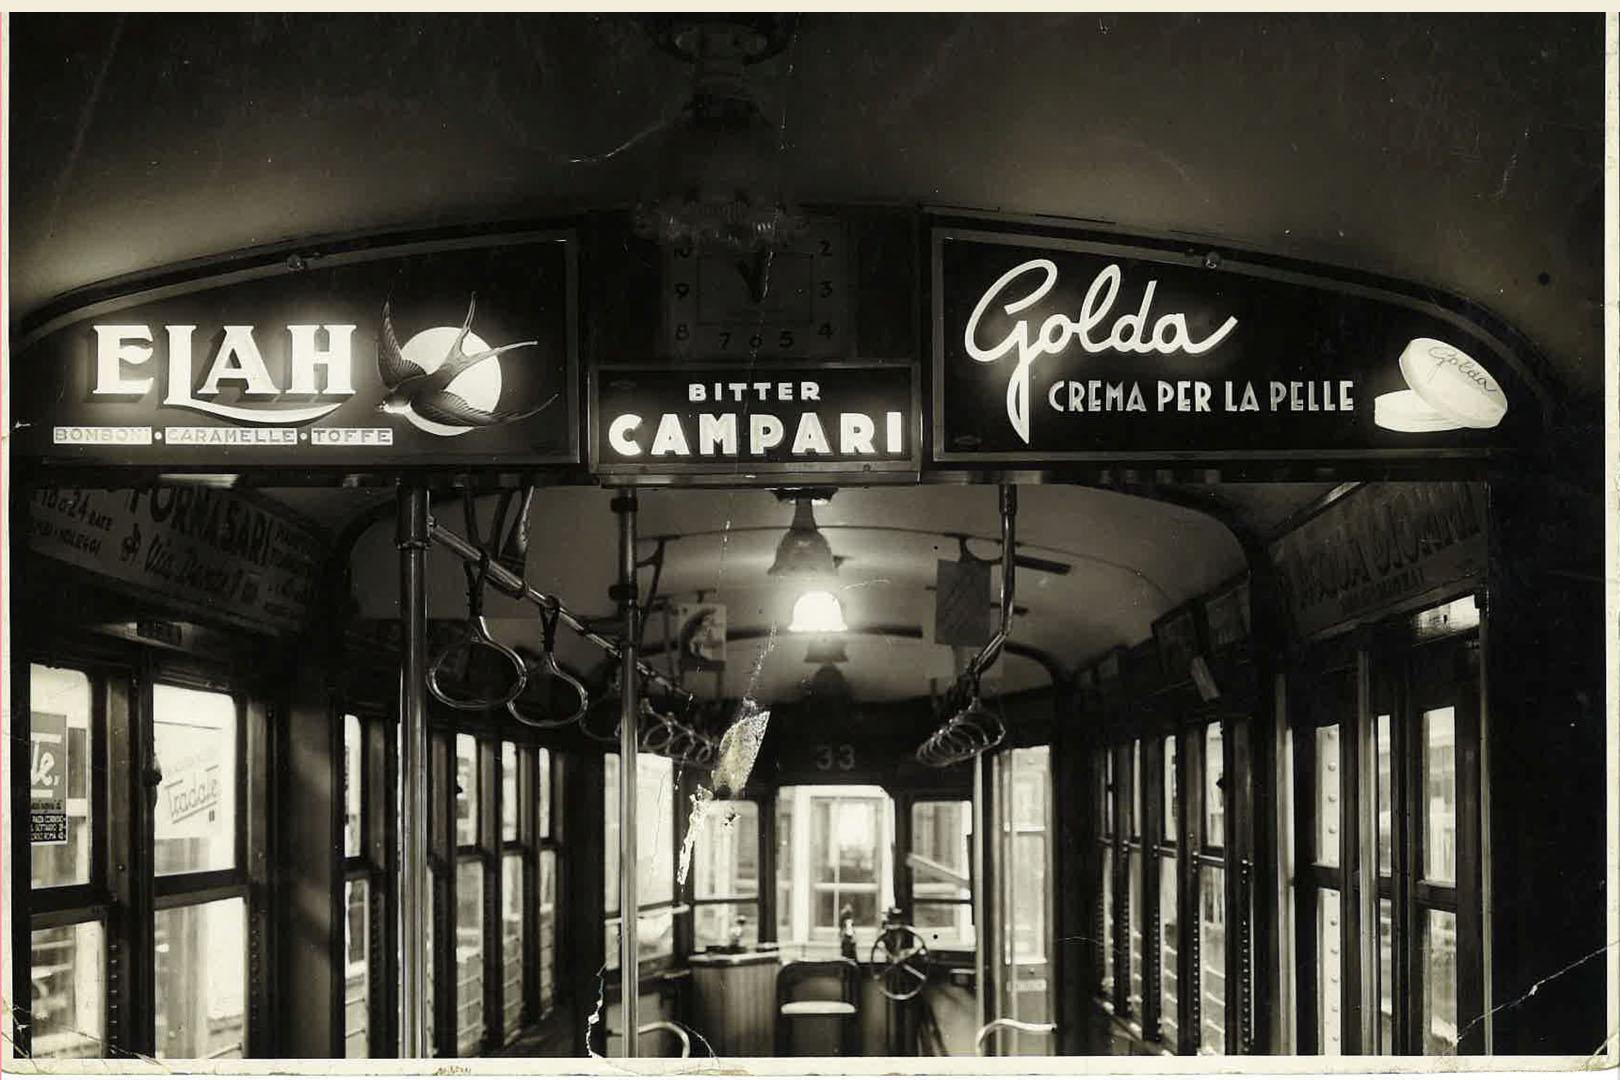 reclame-una-passione-una-collezione-le-insegne-campari-a-milano-tram-collezione-privata-8